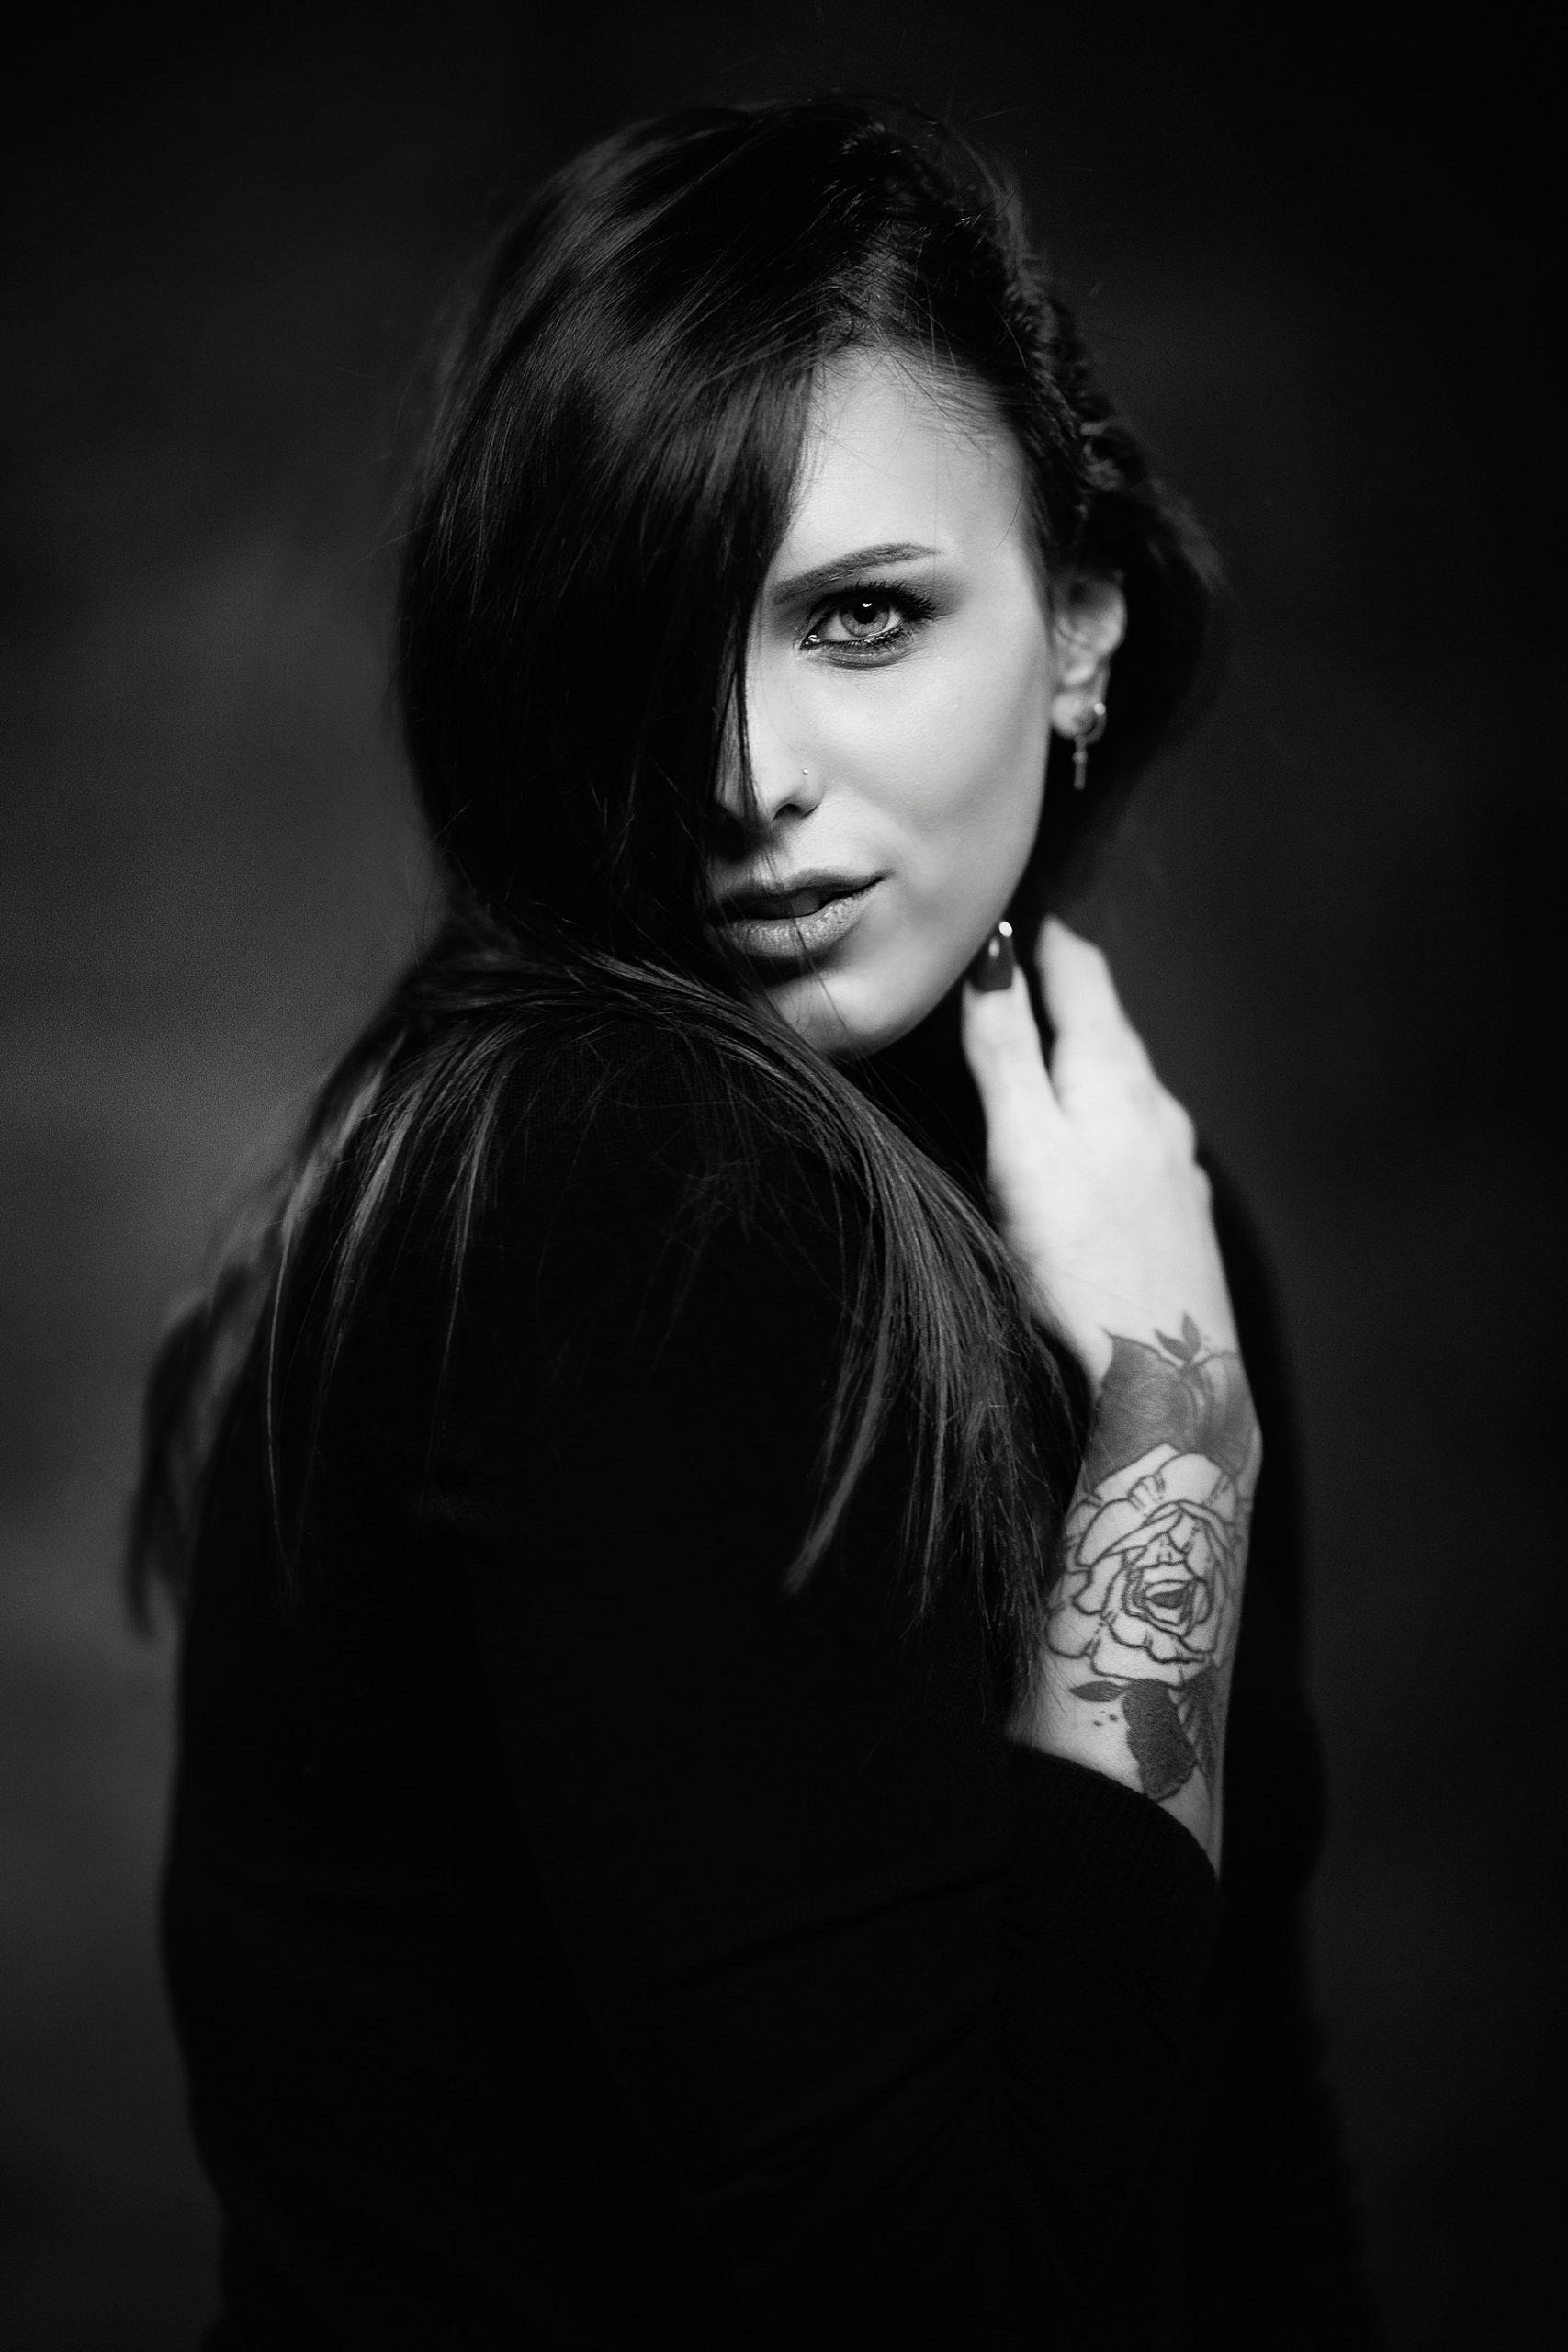 bellissimo ritratto di ragazza in bianco e nero